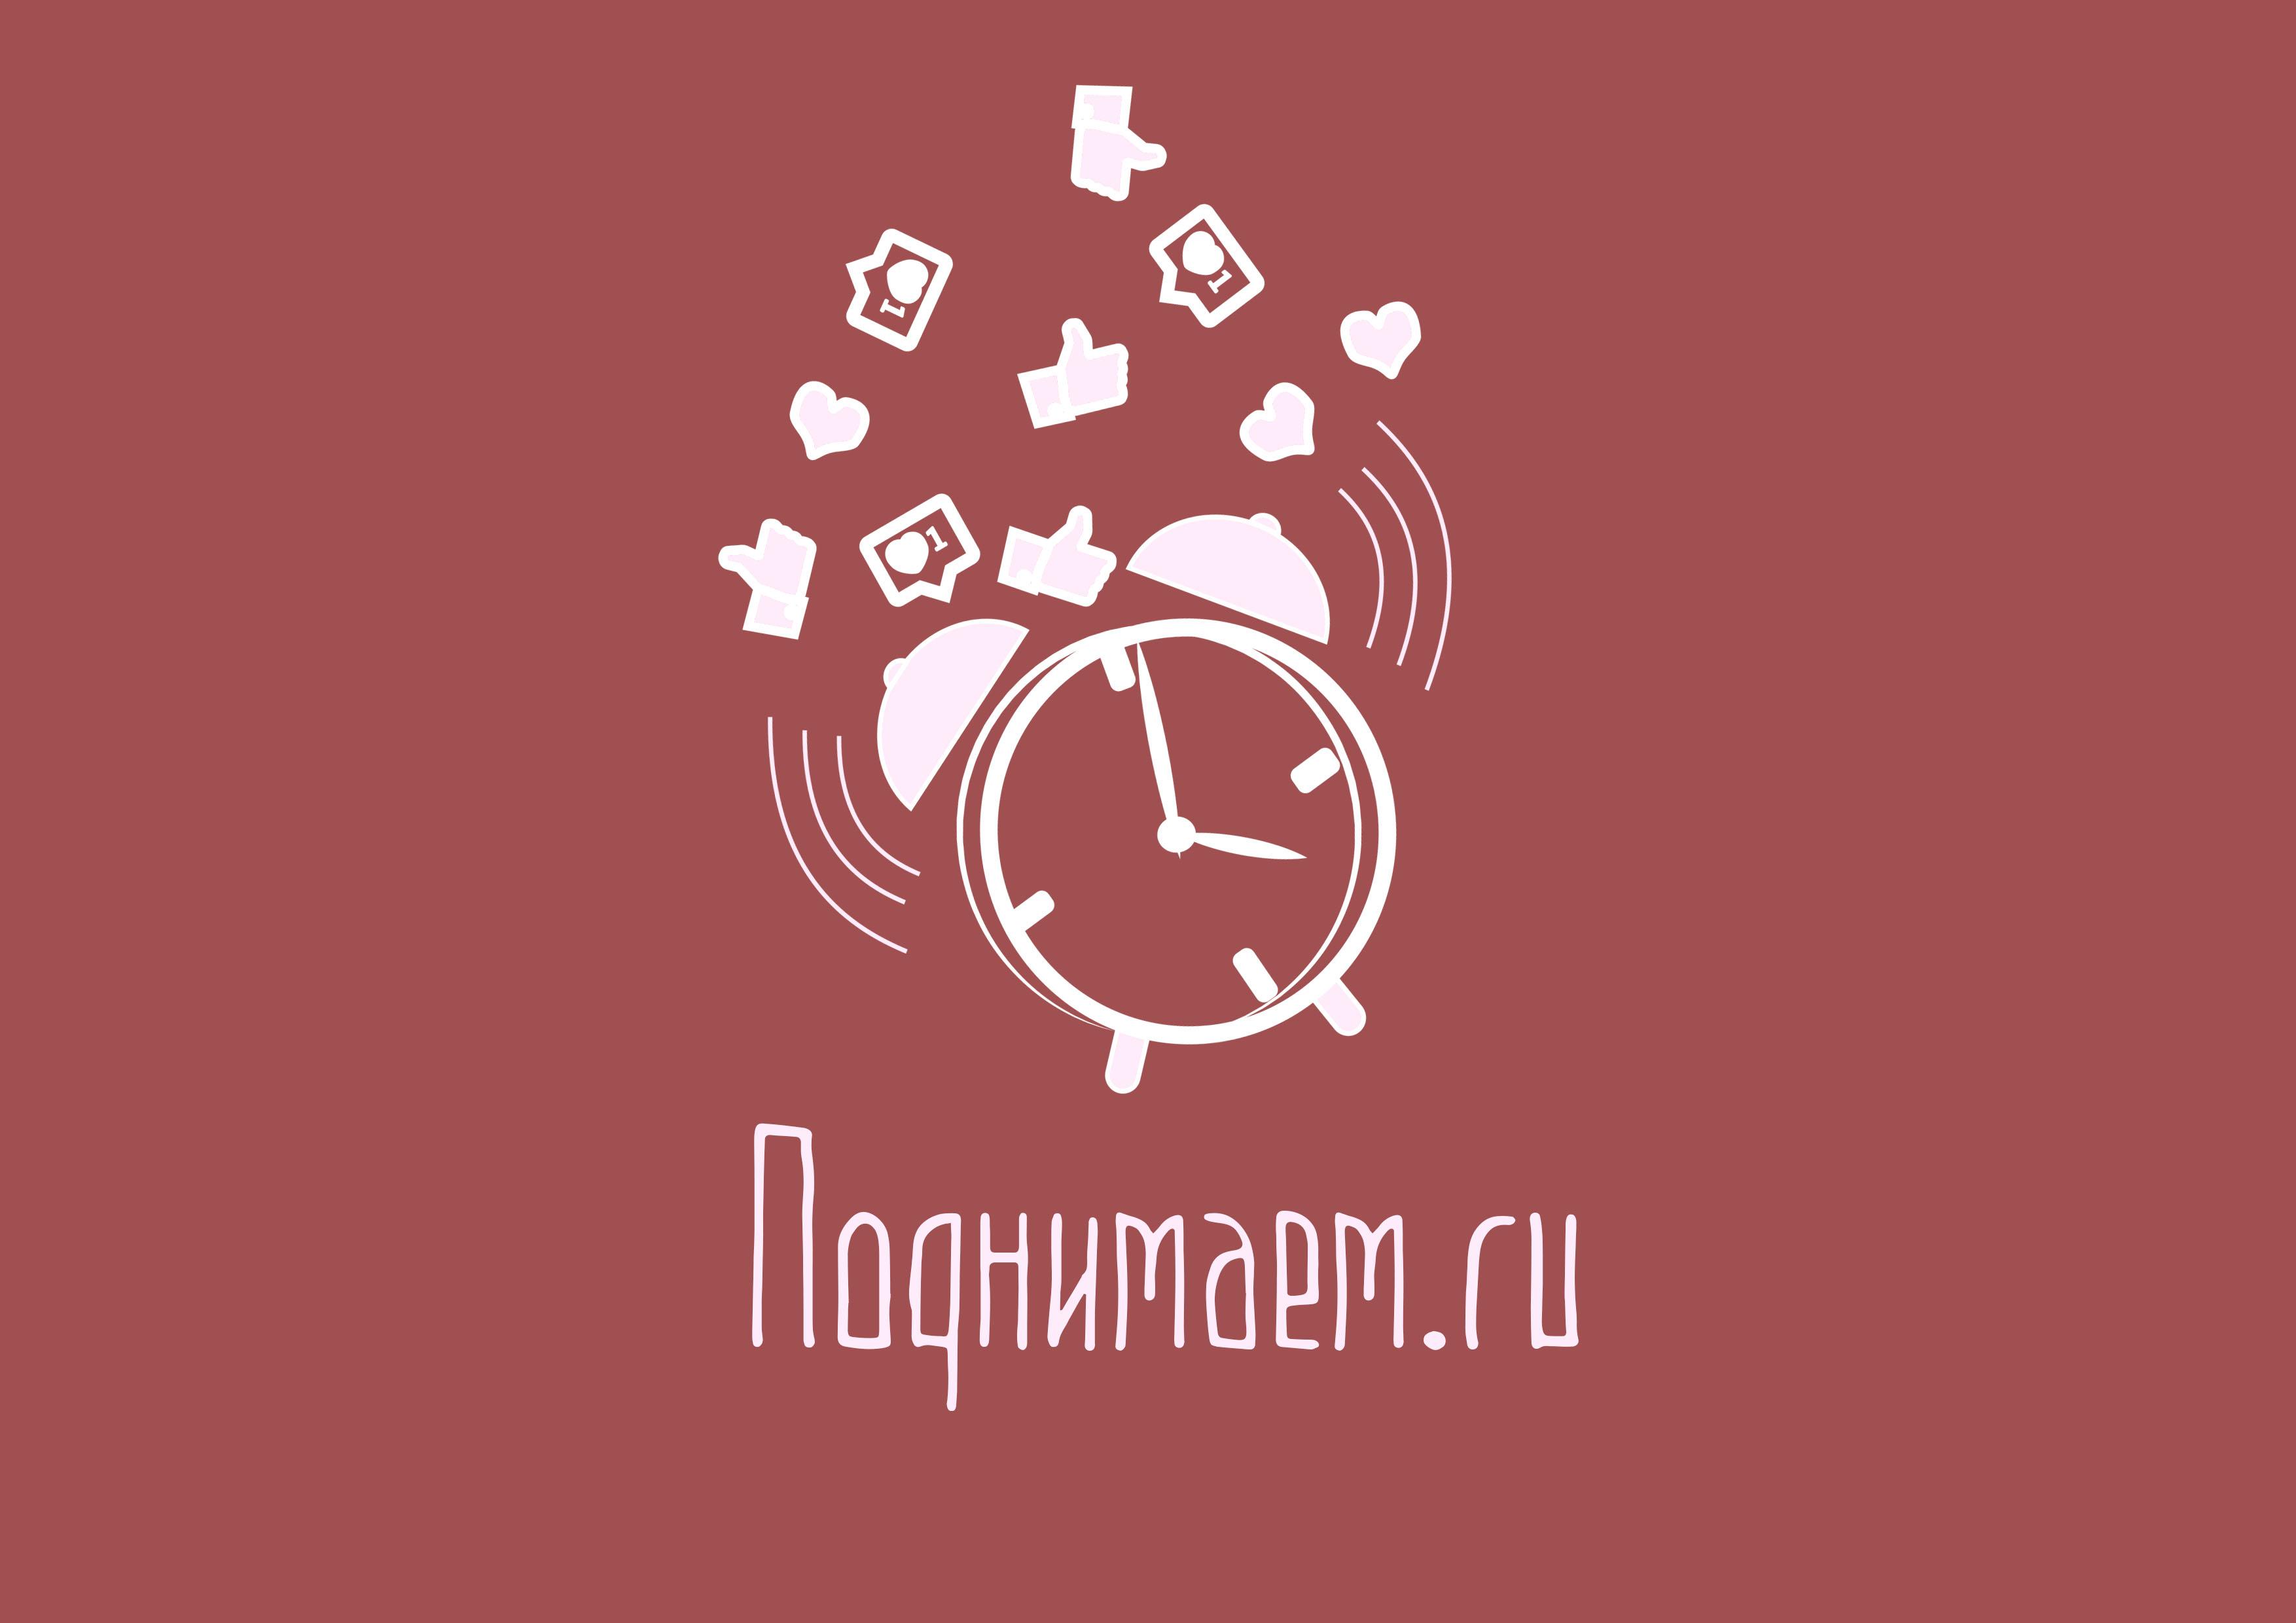 Разработать логотип + визитку + логотип для печати ООО +++ фото f_94455479452ed8d6.jpg